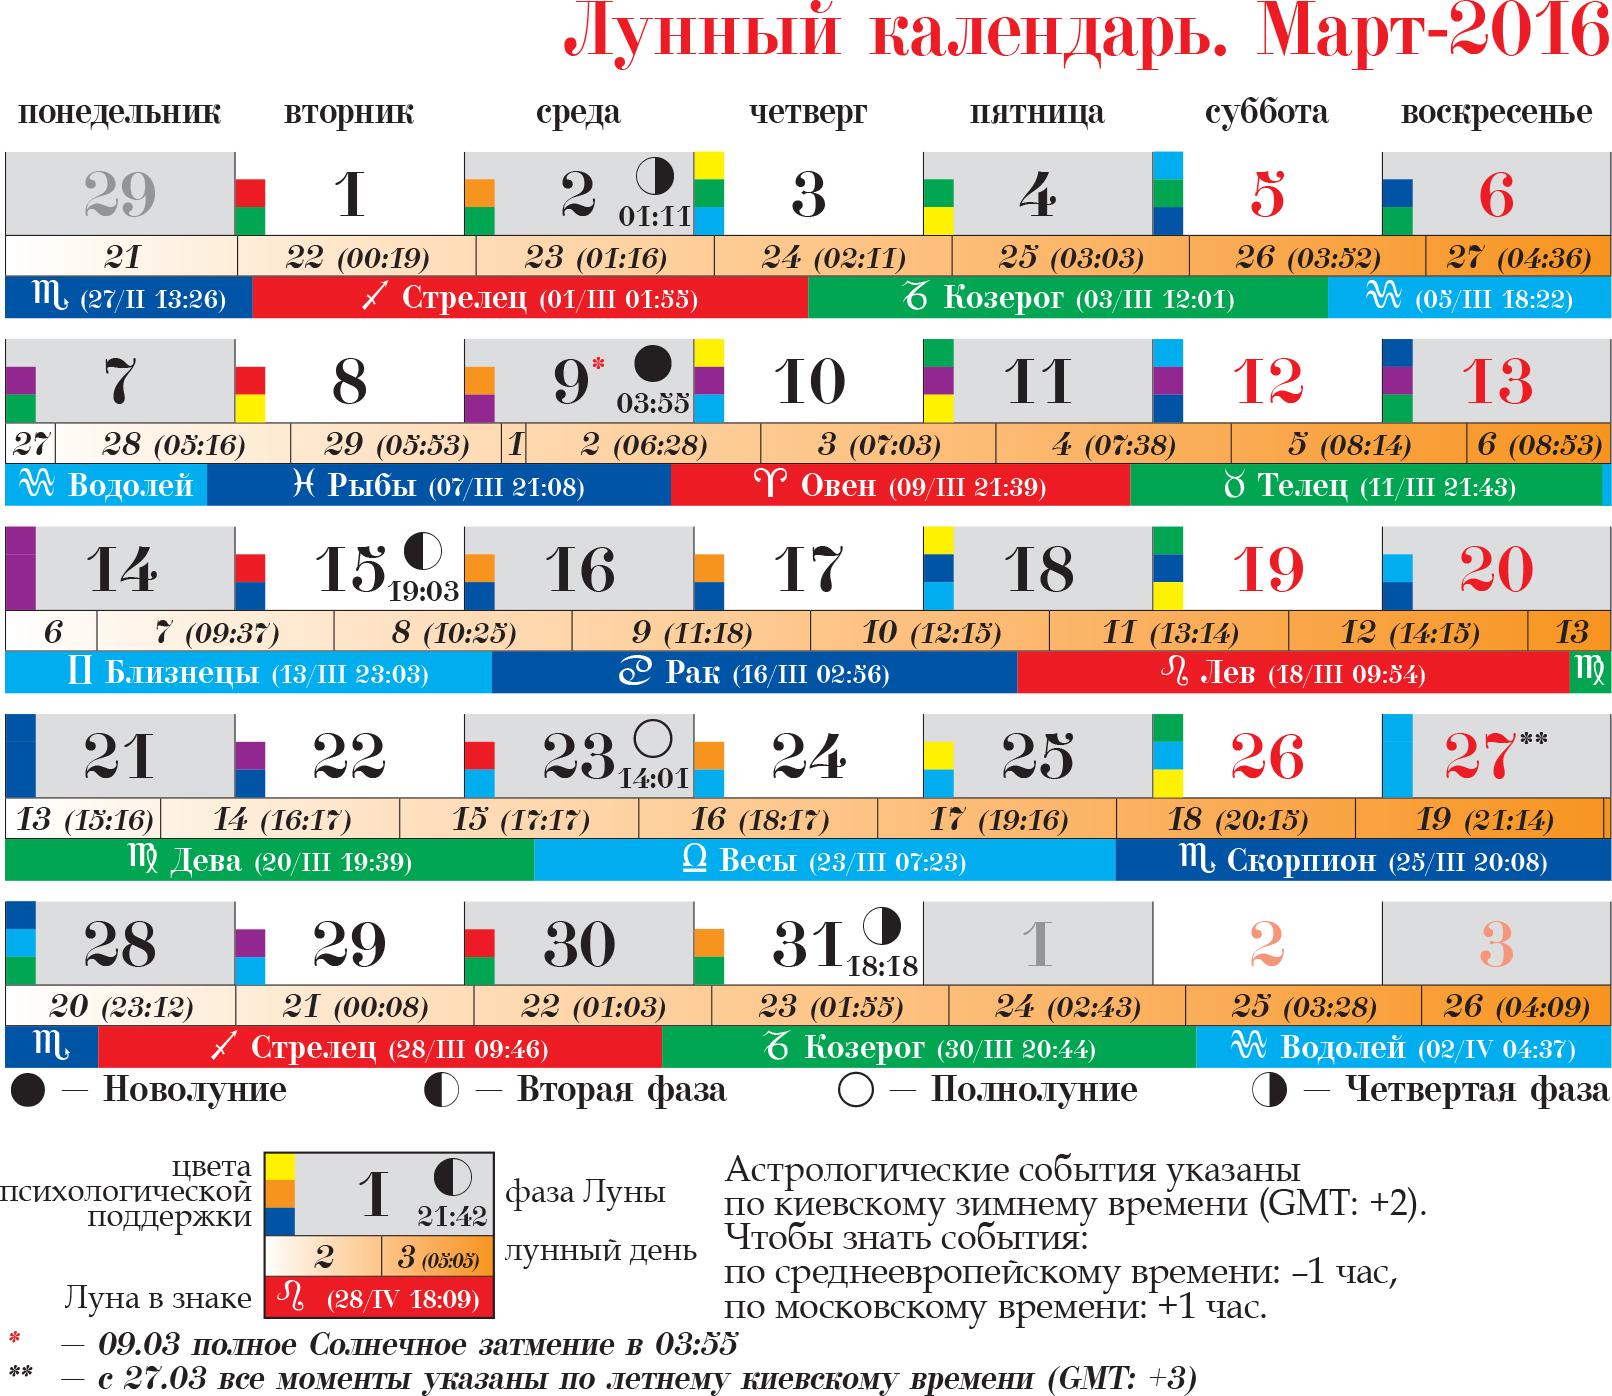 Санкт-Петербург денежный лунный календарь на апрель 2016 книжечка досталась мне